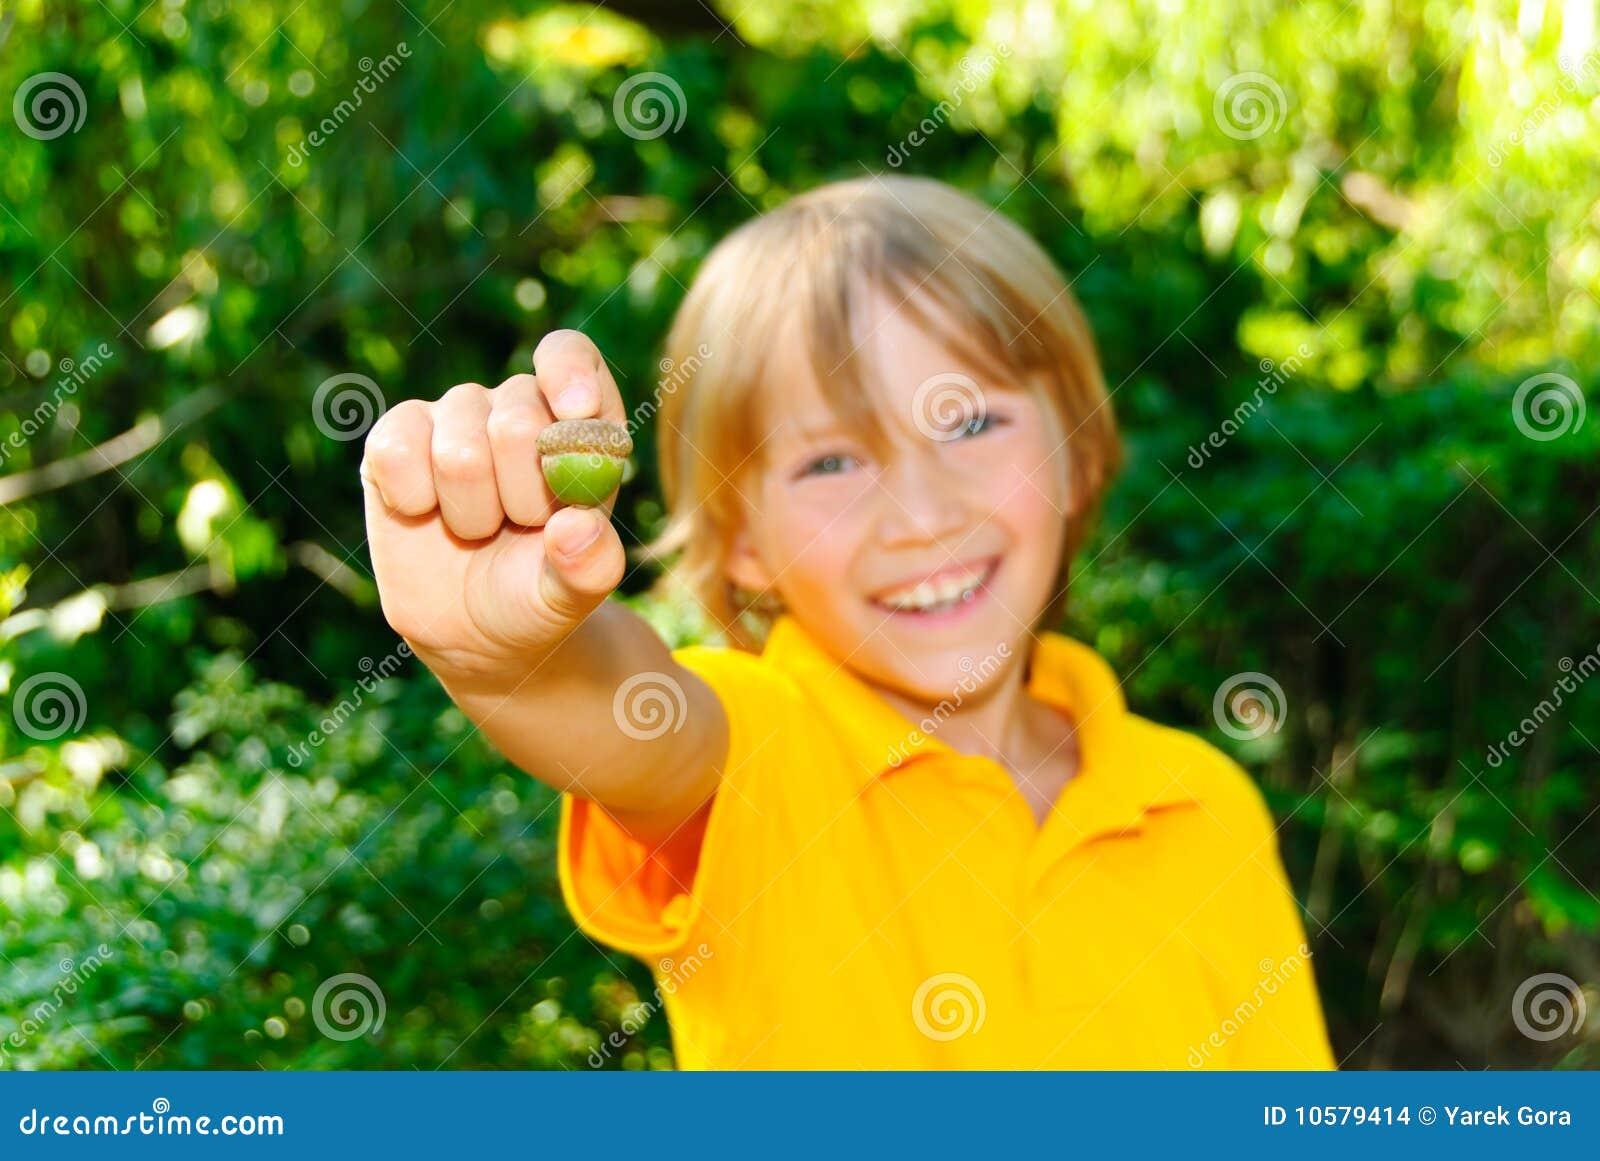 Junge Schlucknutte saugt ihm die Eichel dunkelrot